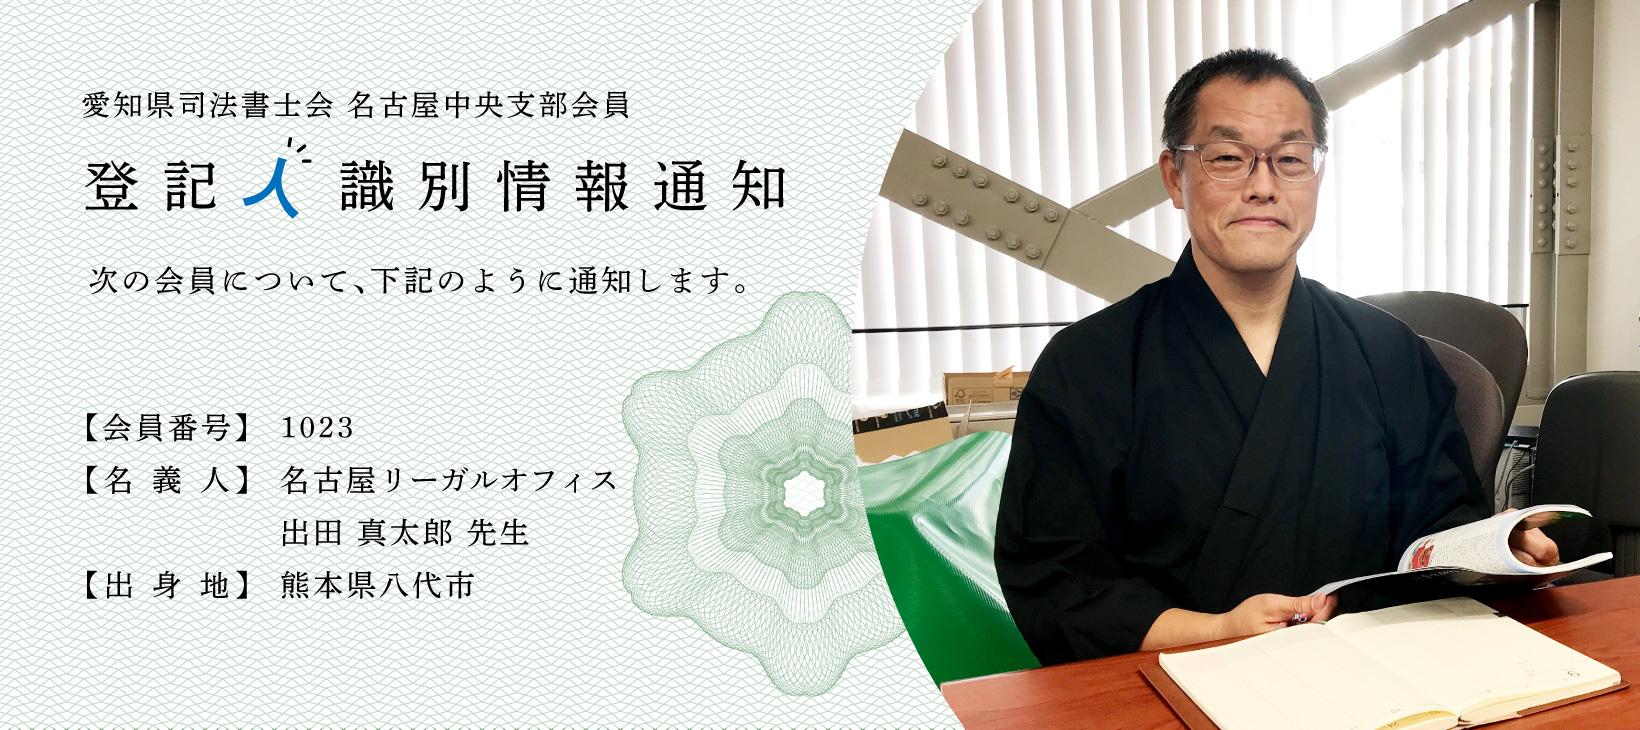 出田 真太郎 先生